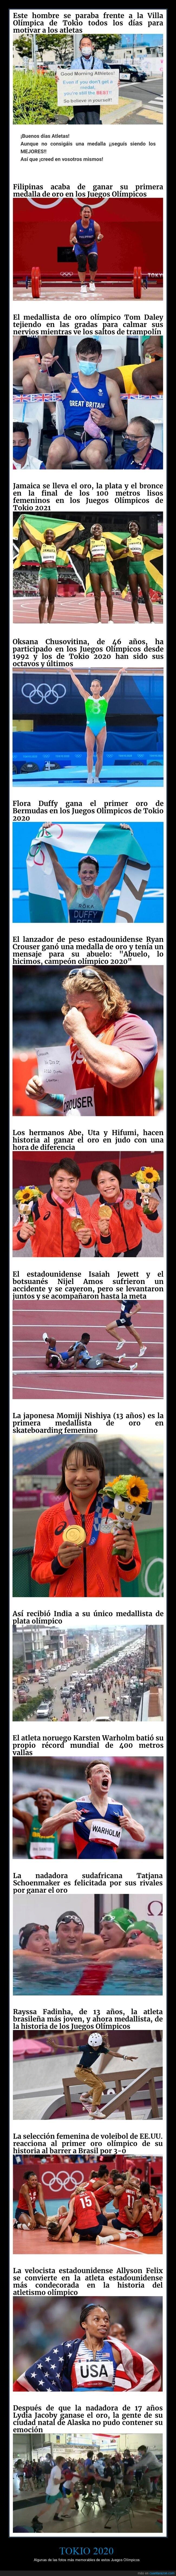 fotos memorables,juegos olímpicos